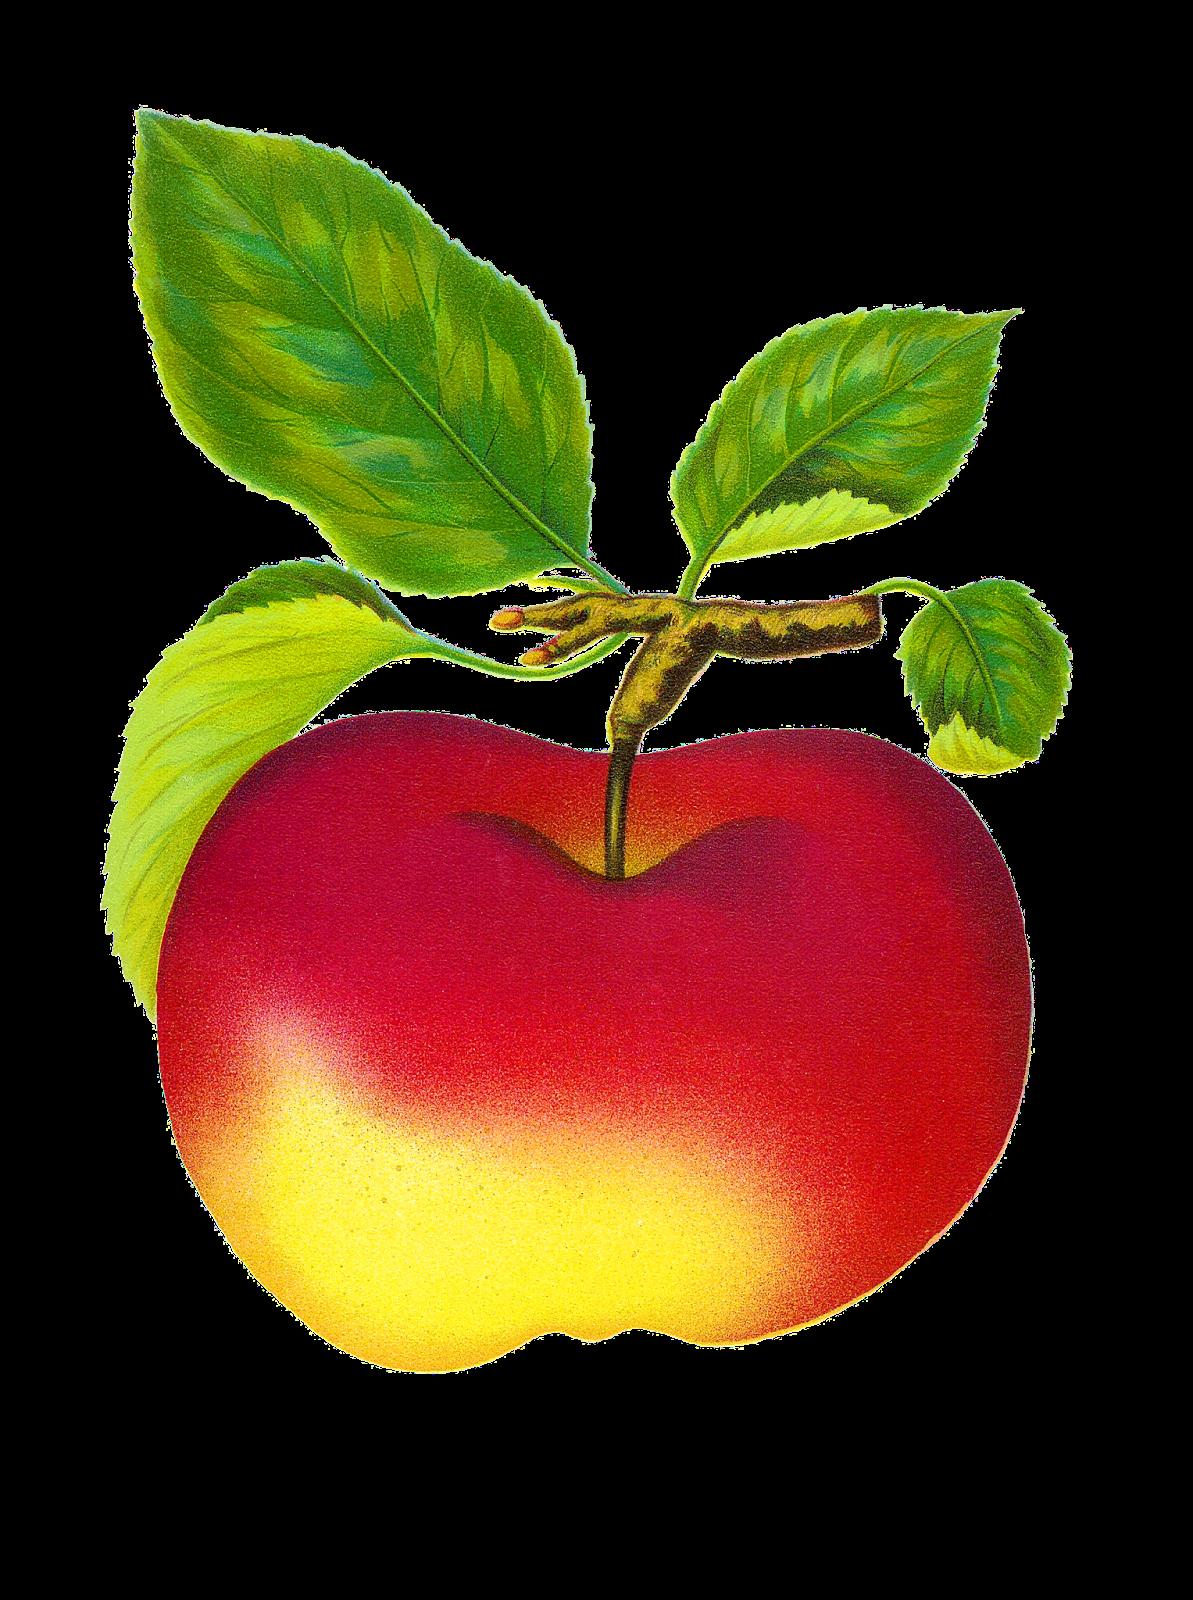 Antique Images: Free Digital Vintage Fruit Red Apple.